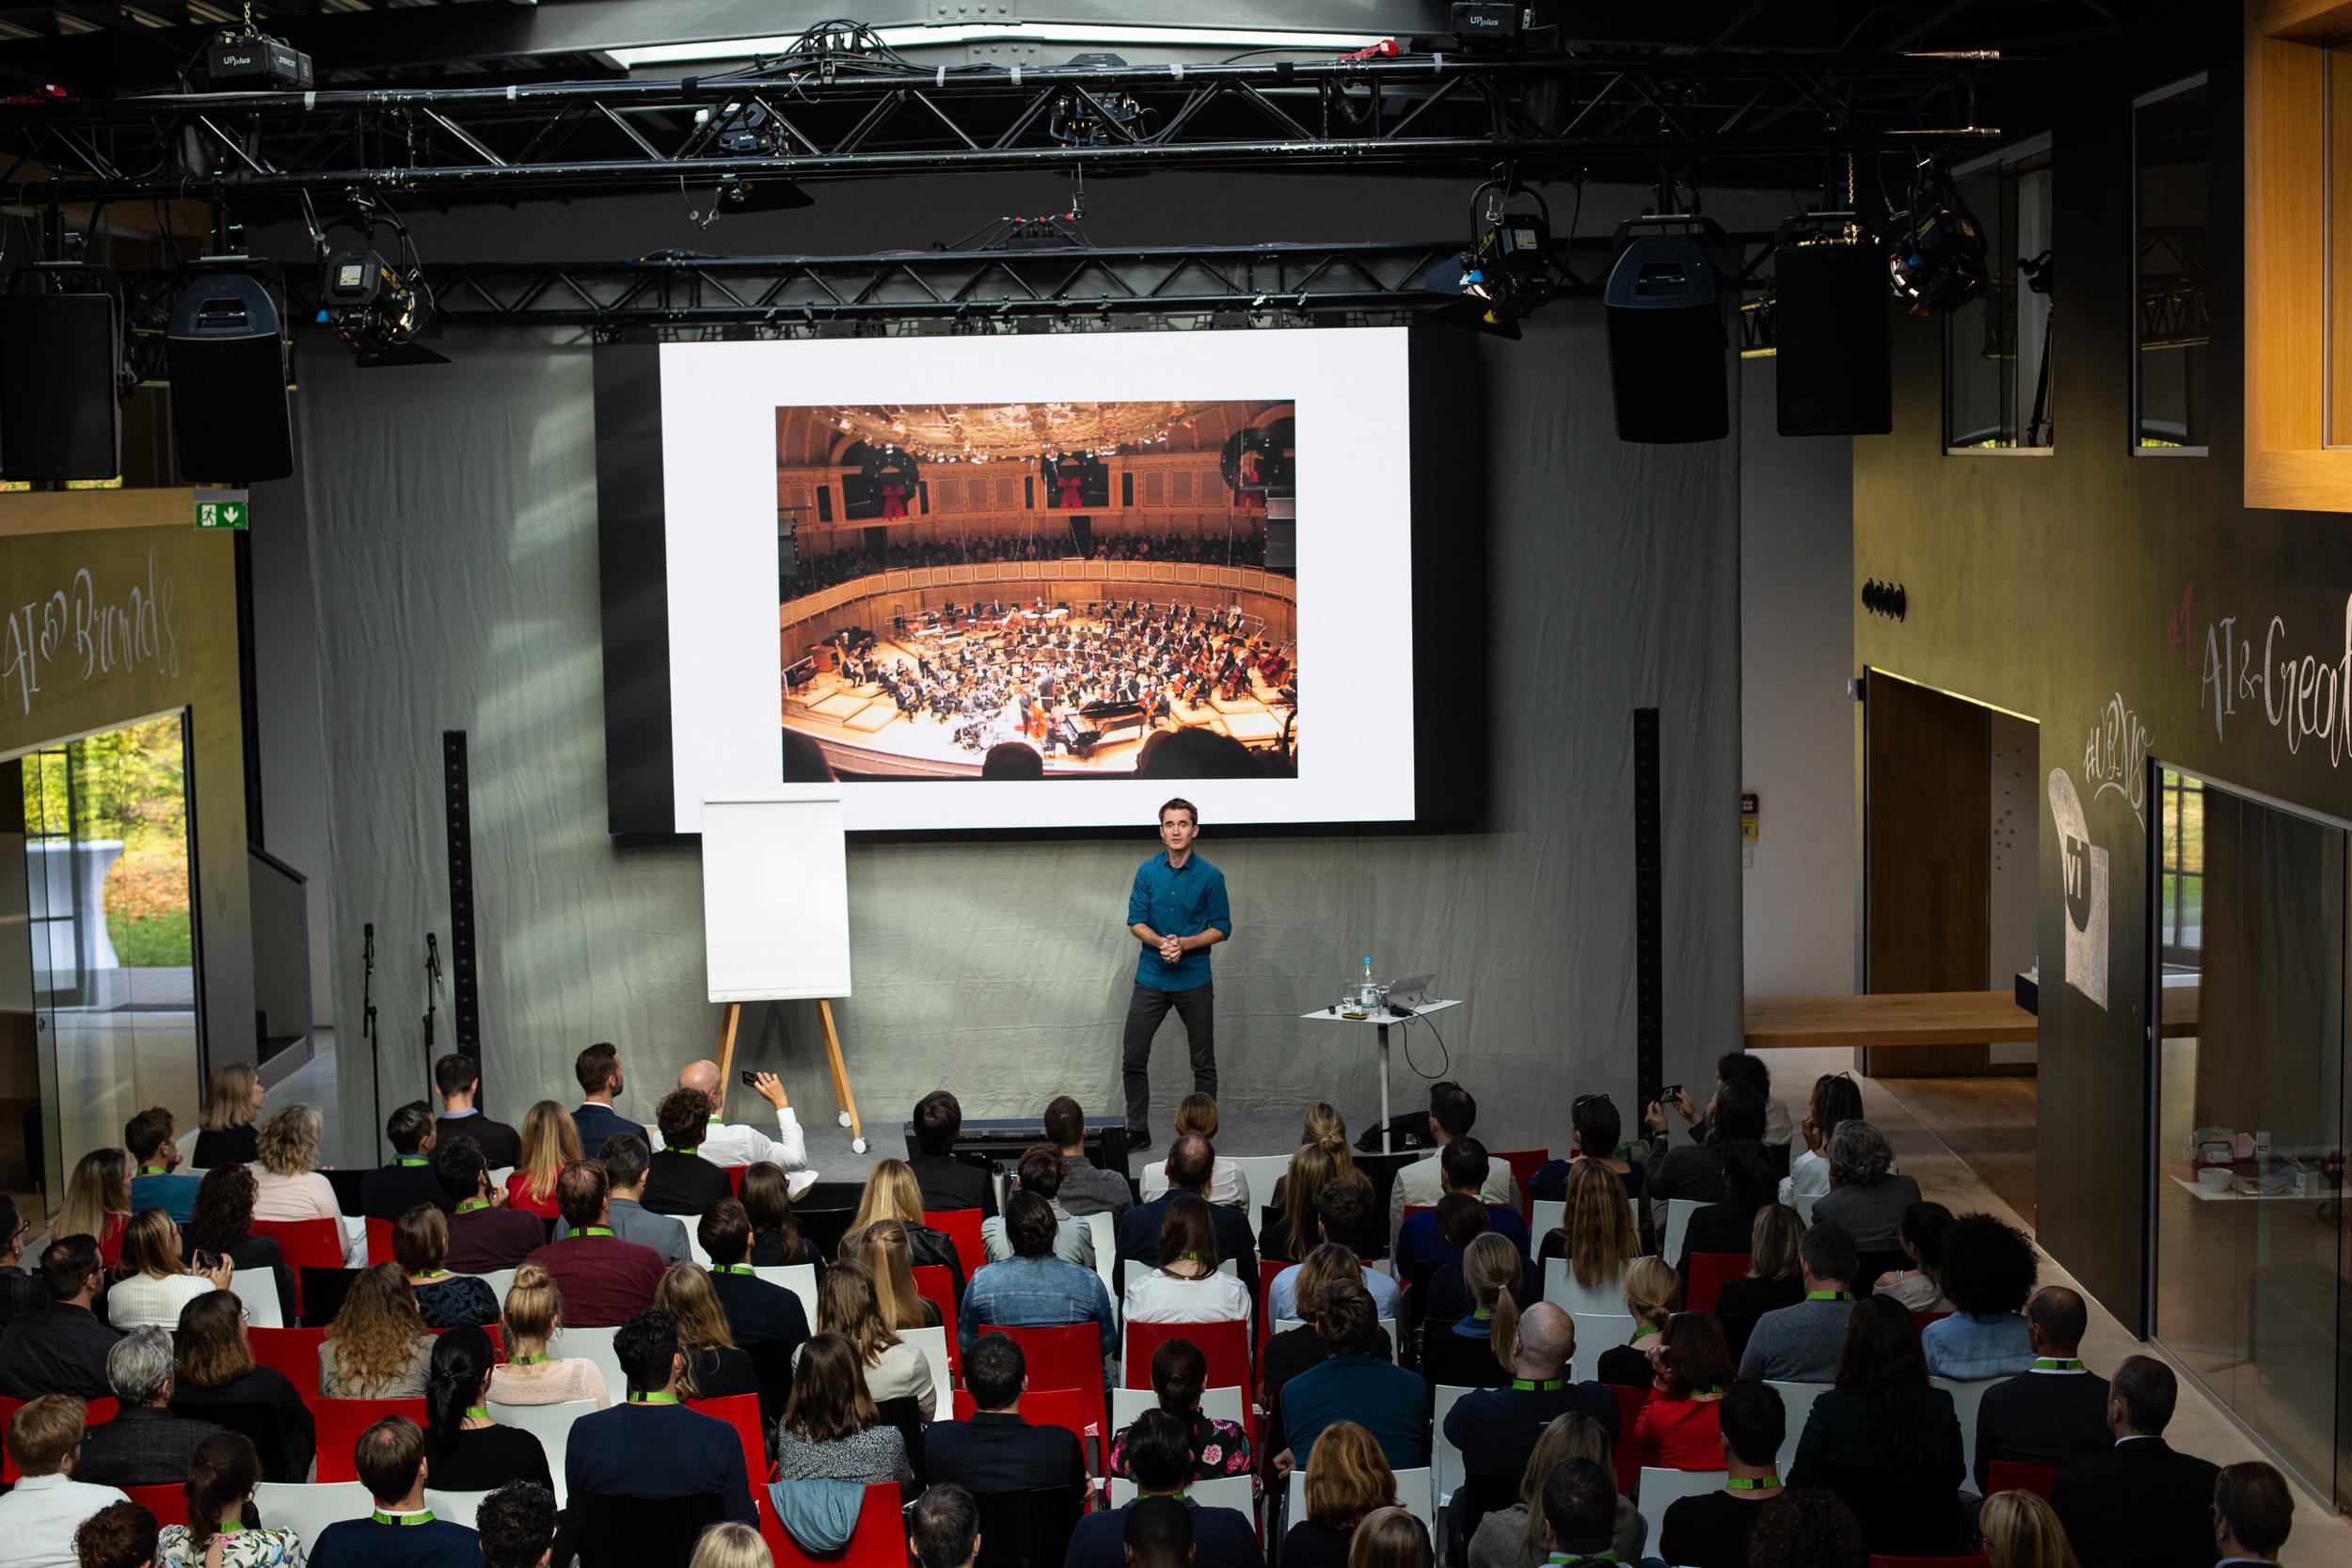 """Die UBX Konferenz wurde von Ralf Heller, Vorstand der Virtual Identity AG, initiiert. UBX steht für """"Useful Brand Experiences"""". Die Konferenz findet seit 2015 statt zeigt, wie die Leistungsfähigkeit und Vielfalt digitaler Lösungen und Prozesse genutzt werden kann, um lohnende Markenerlebnisse zu schaffen Die UBX19 steht unter dem Motto """"Creating Digital Opportunities"""" und kombiniert inspirierende Keynotes sowie innovative Digitalisierungsfälle aus aller Welt."""